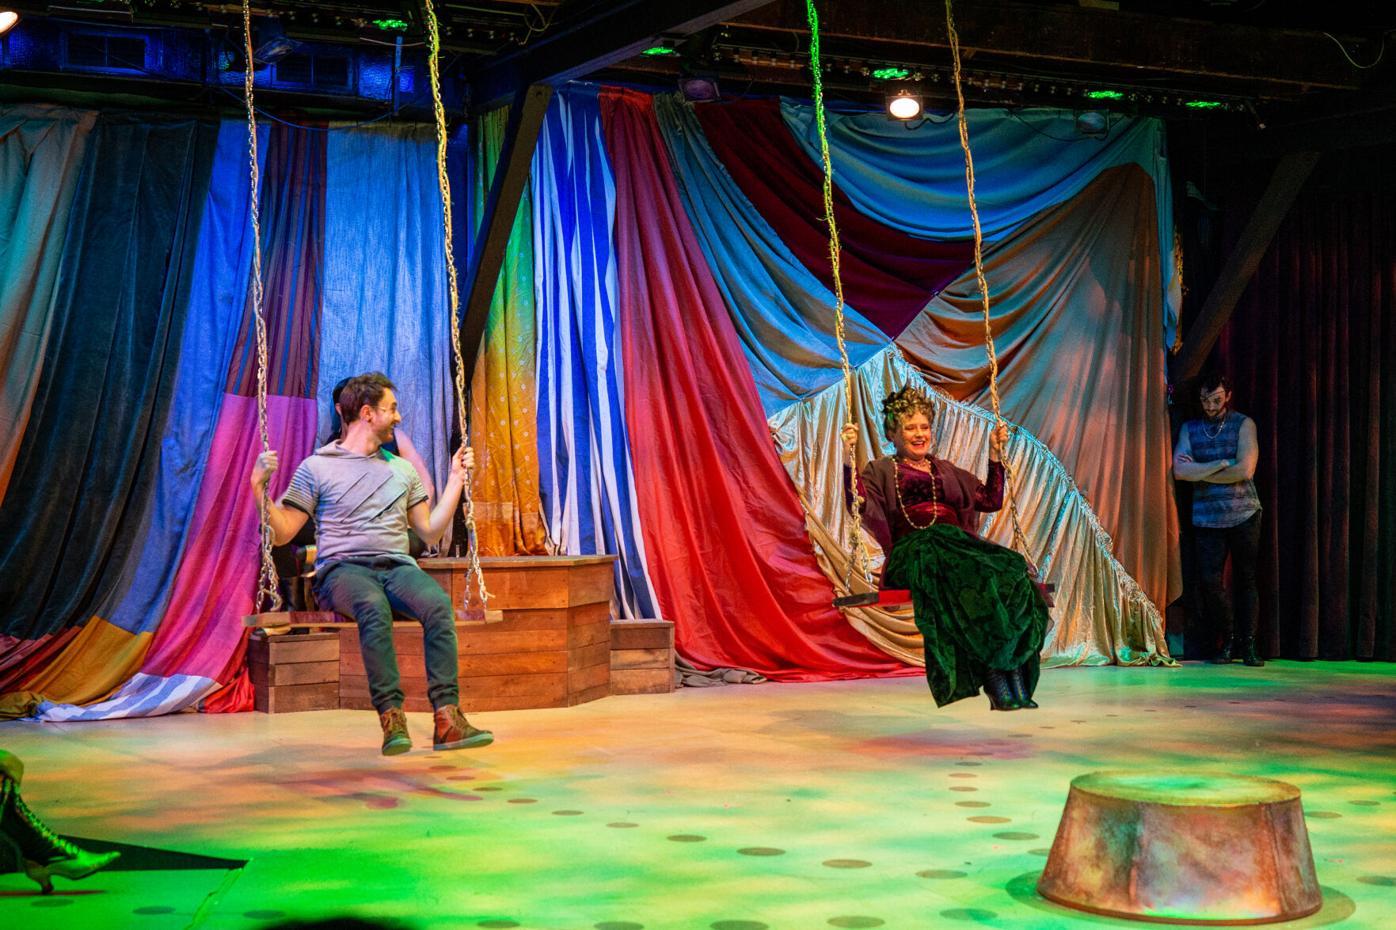 Pippin cast on swings